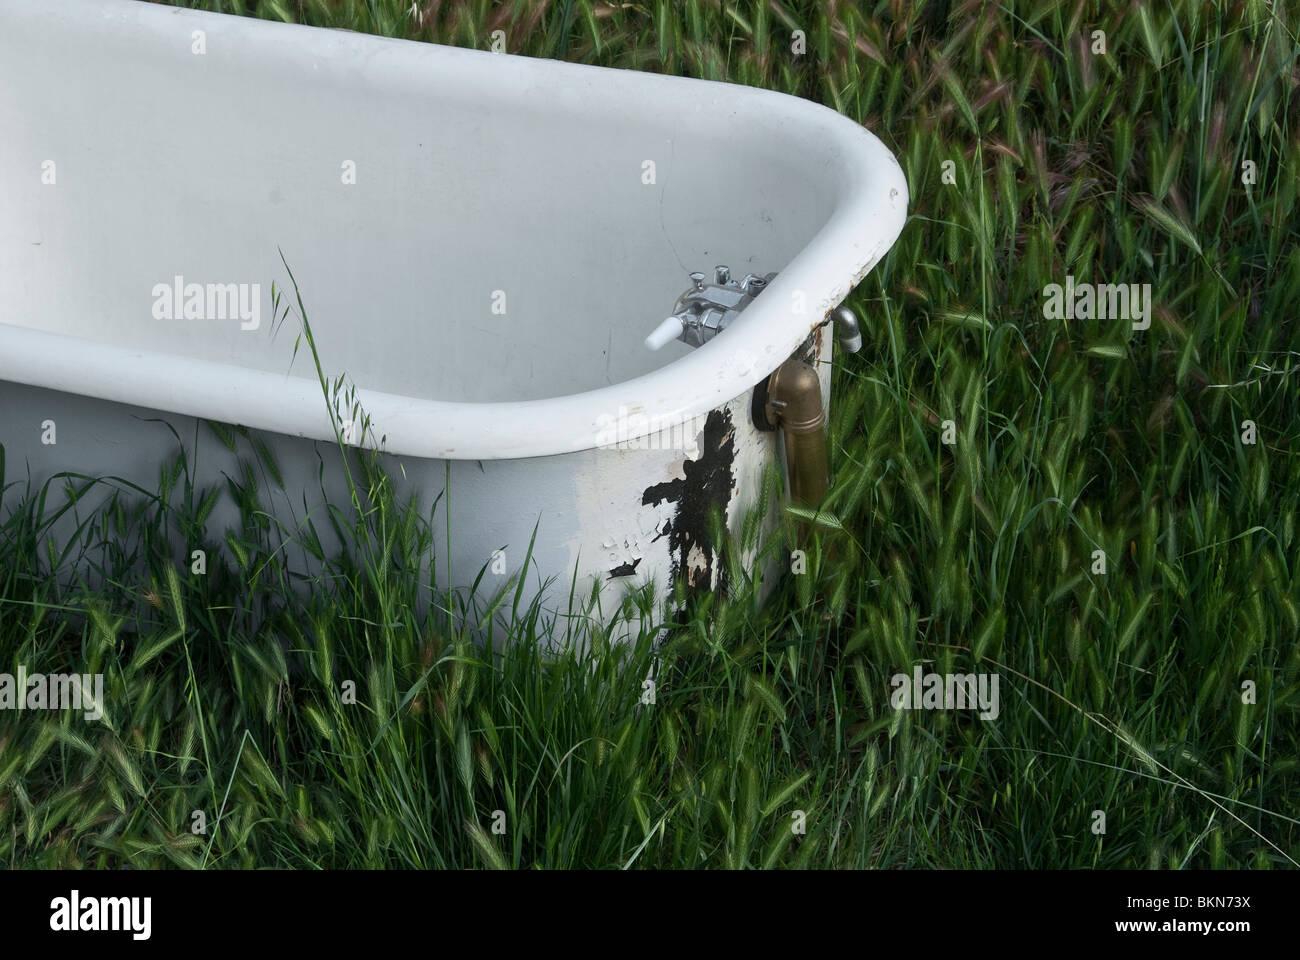 La bañera se encuentra en un campo de hierba. Imagen De Stock